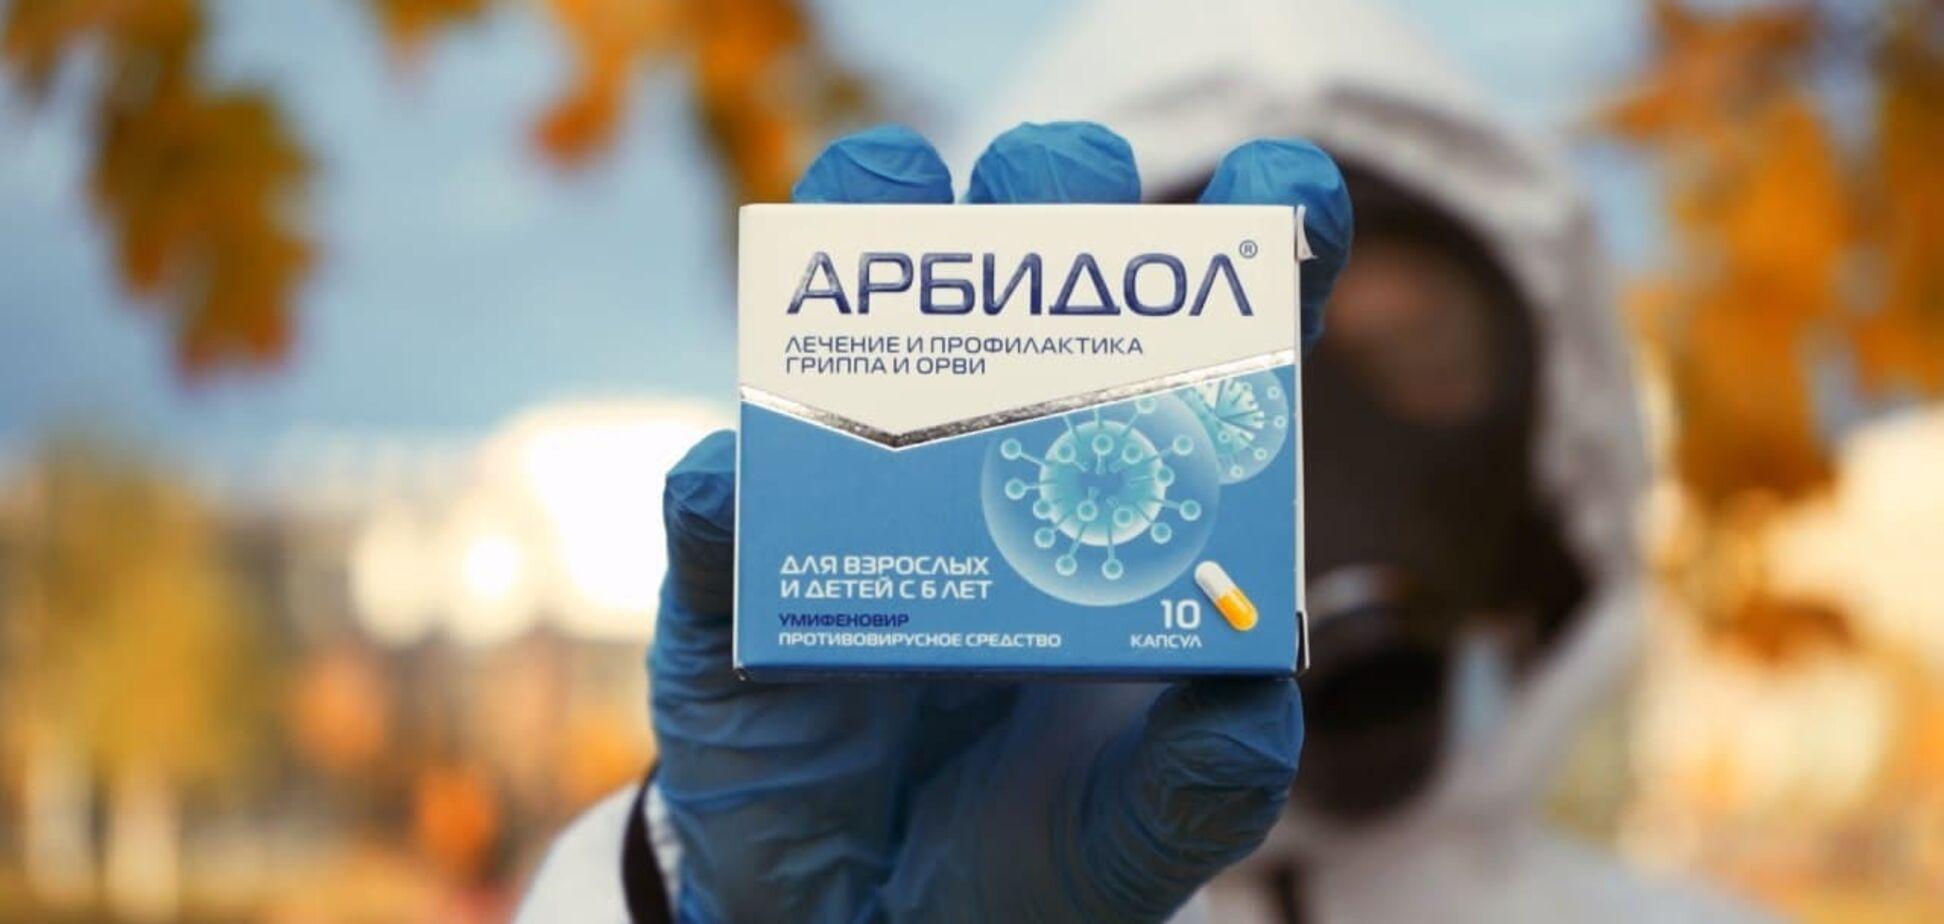 Популярное лекарство от гриппа: эффективности как не было, так и нет